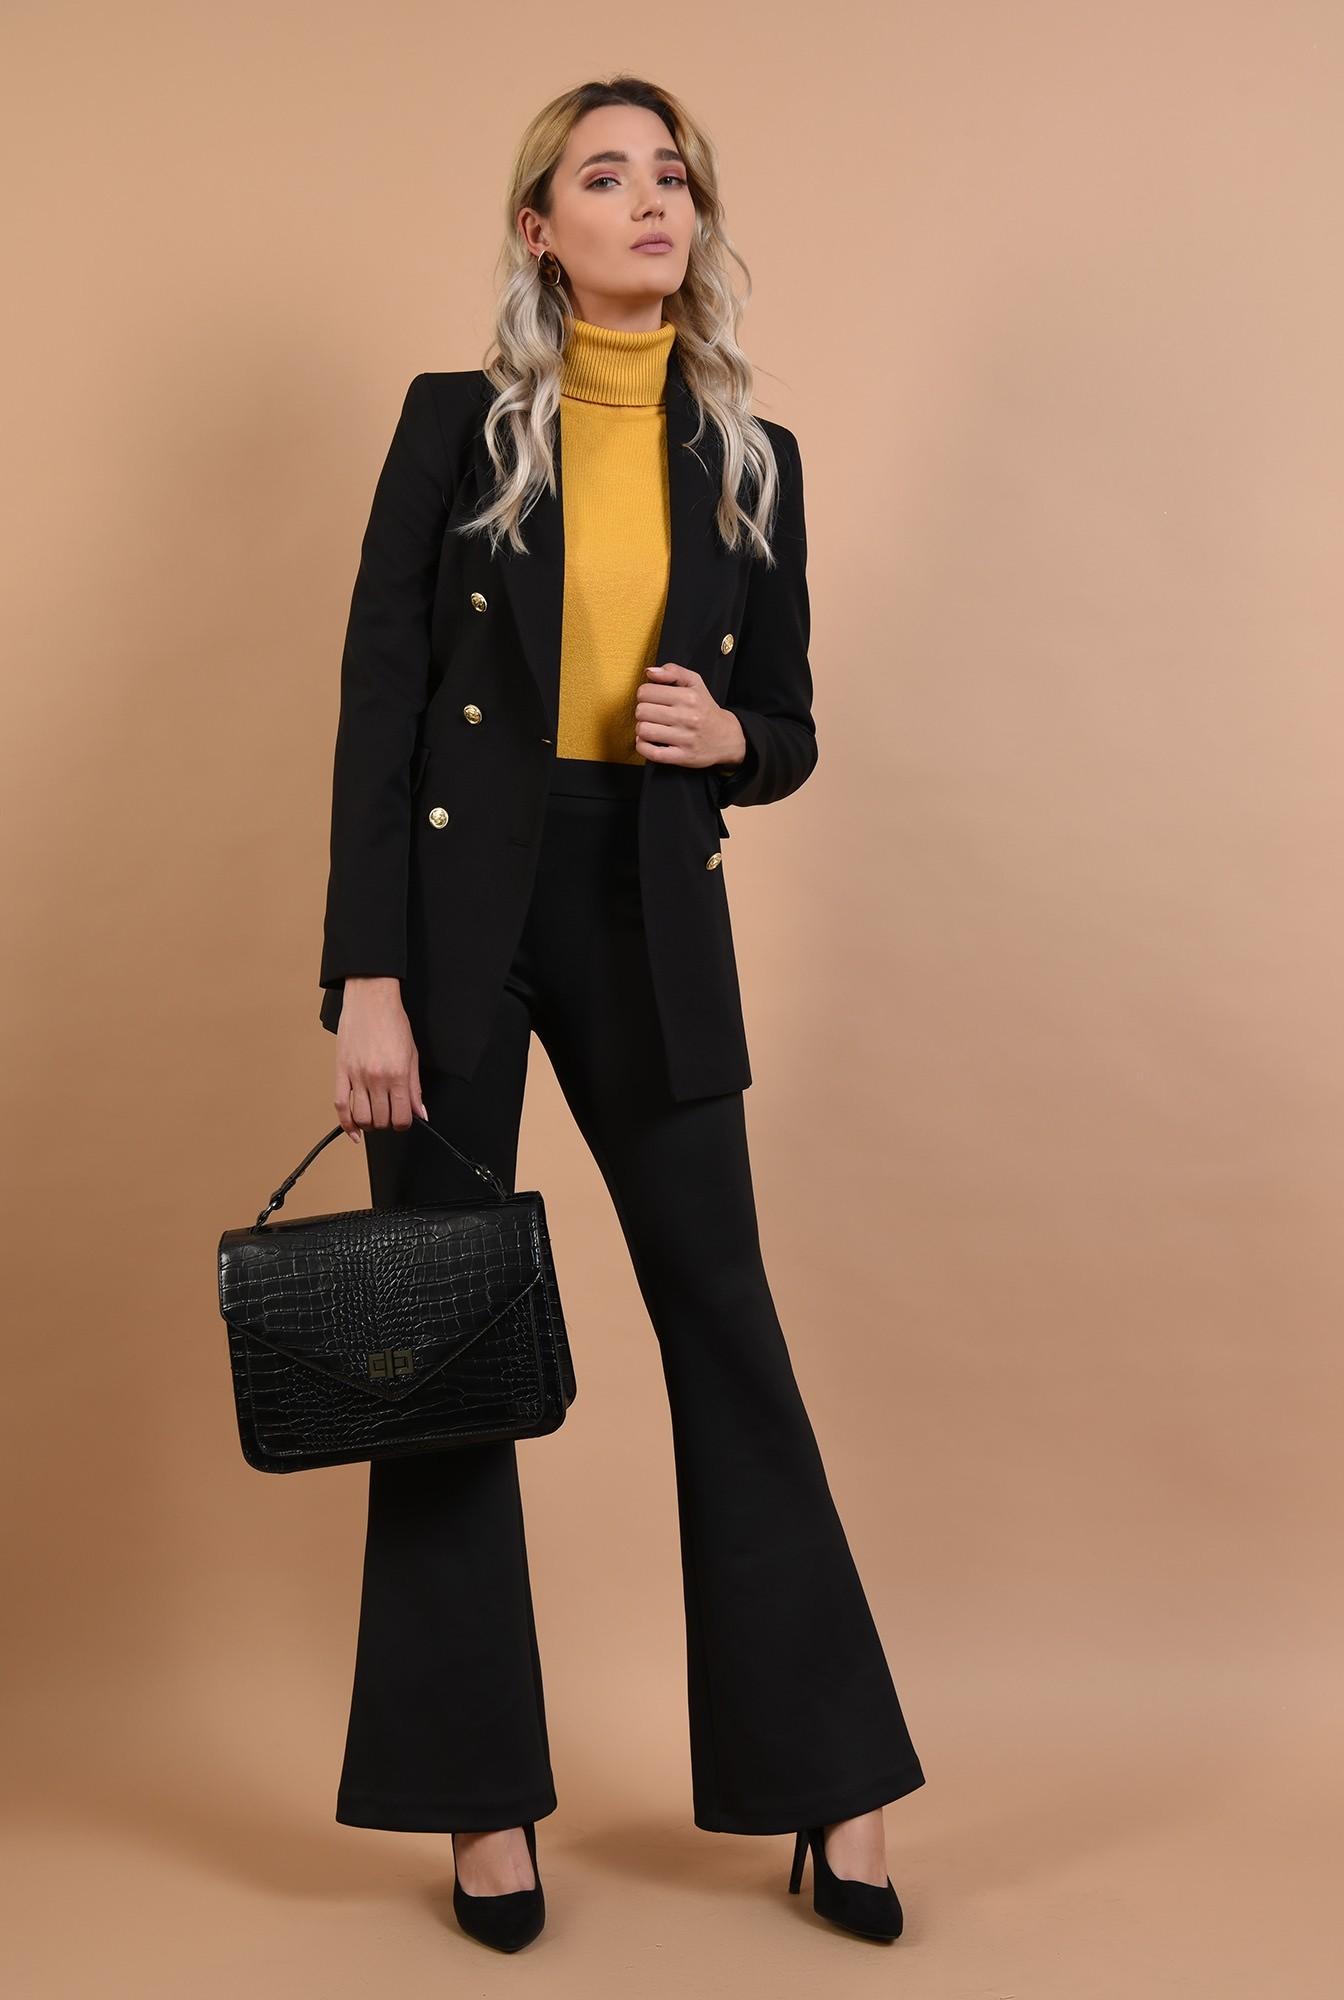 3 - pulover mustar, casual, galben, Poema, maleta cu guler reiat